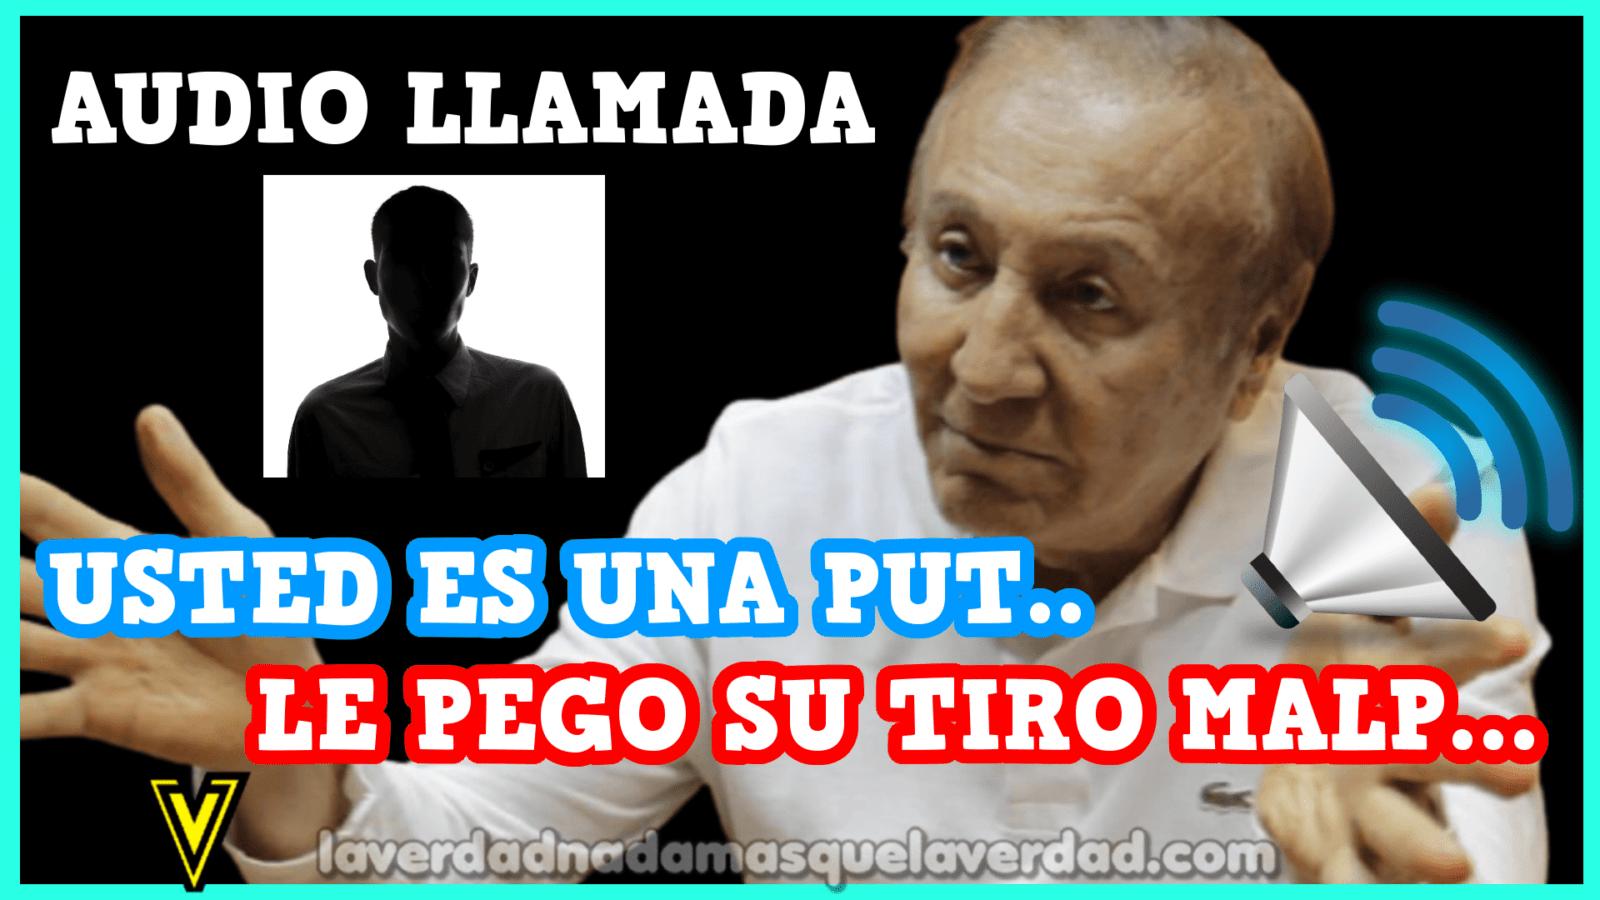 """""""Le pego su tiro"""": se filtra acalorada conversación del candidato presidencial Rodolfo Hernández"""